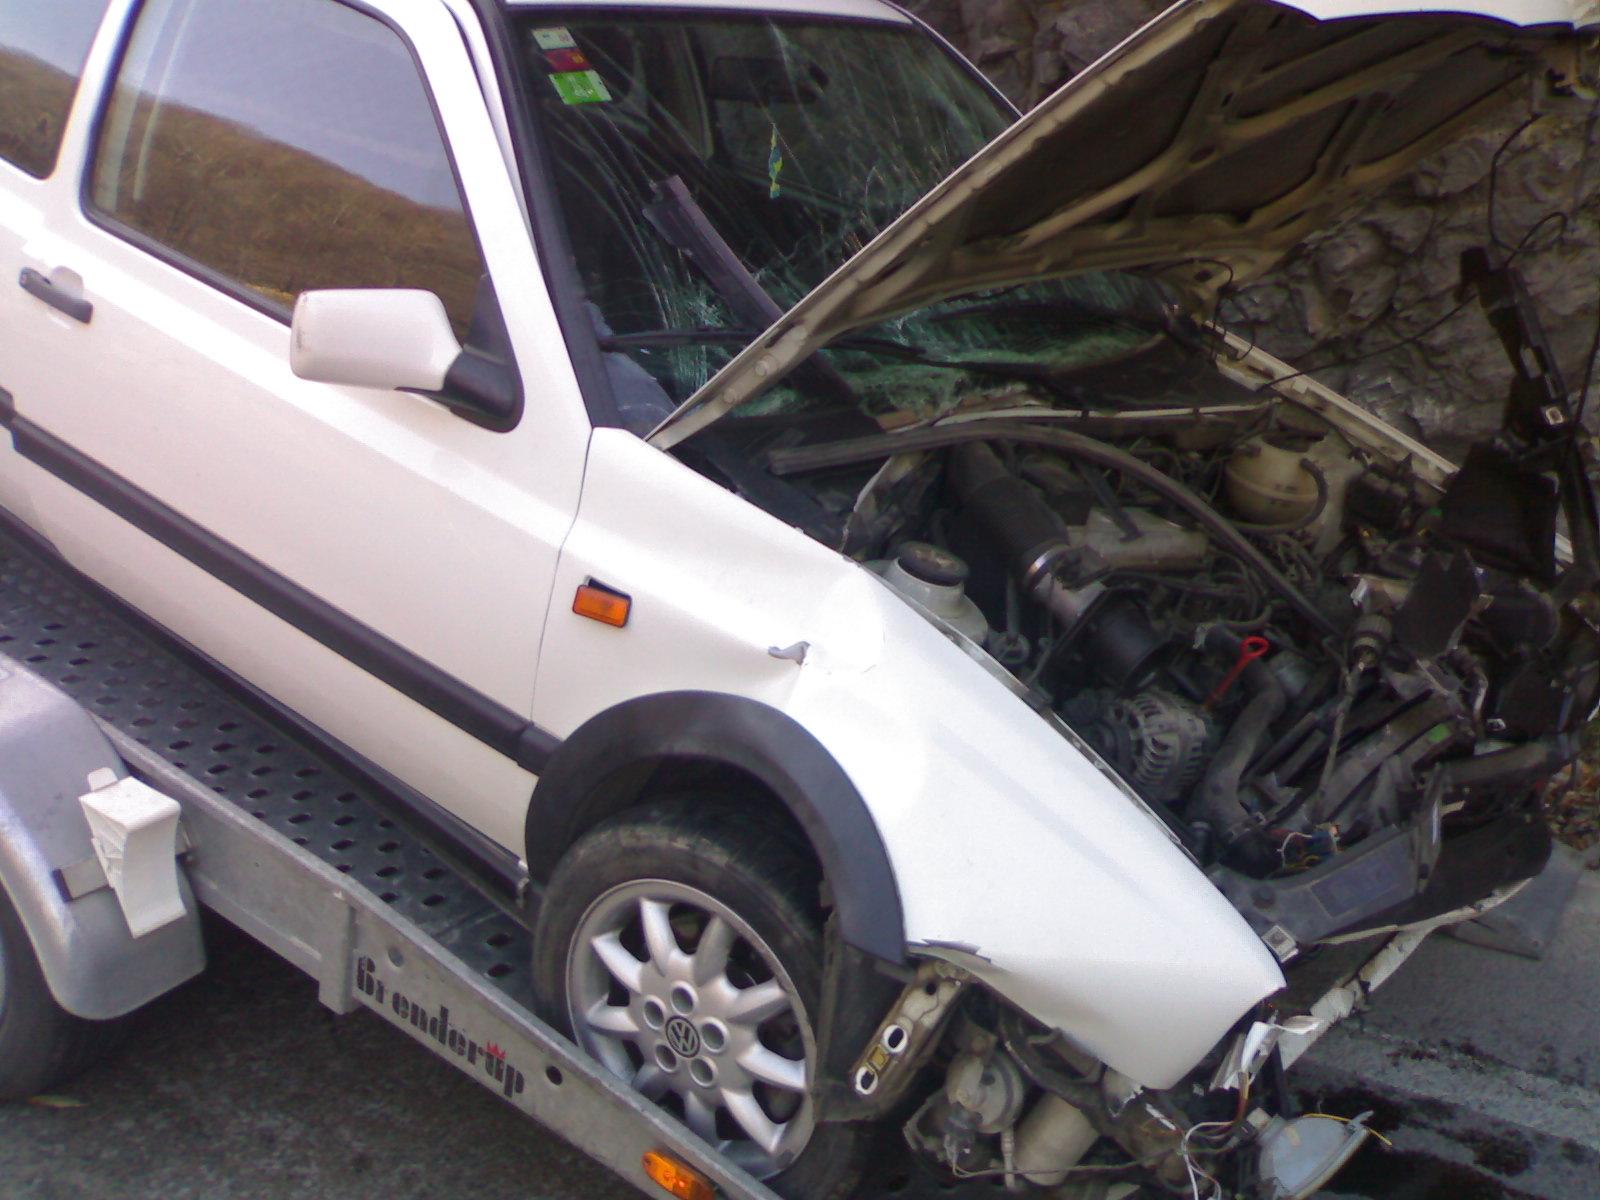 Volkswagen Golf-III avariat 2010 Benzina Berlina - 14 Decembrie 2010 - Poza 1